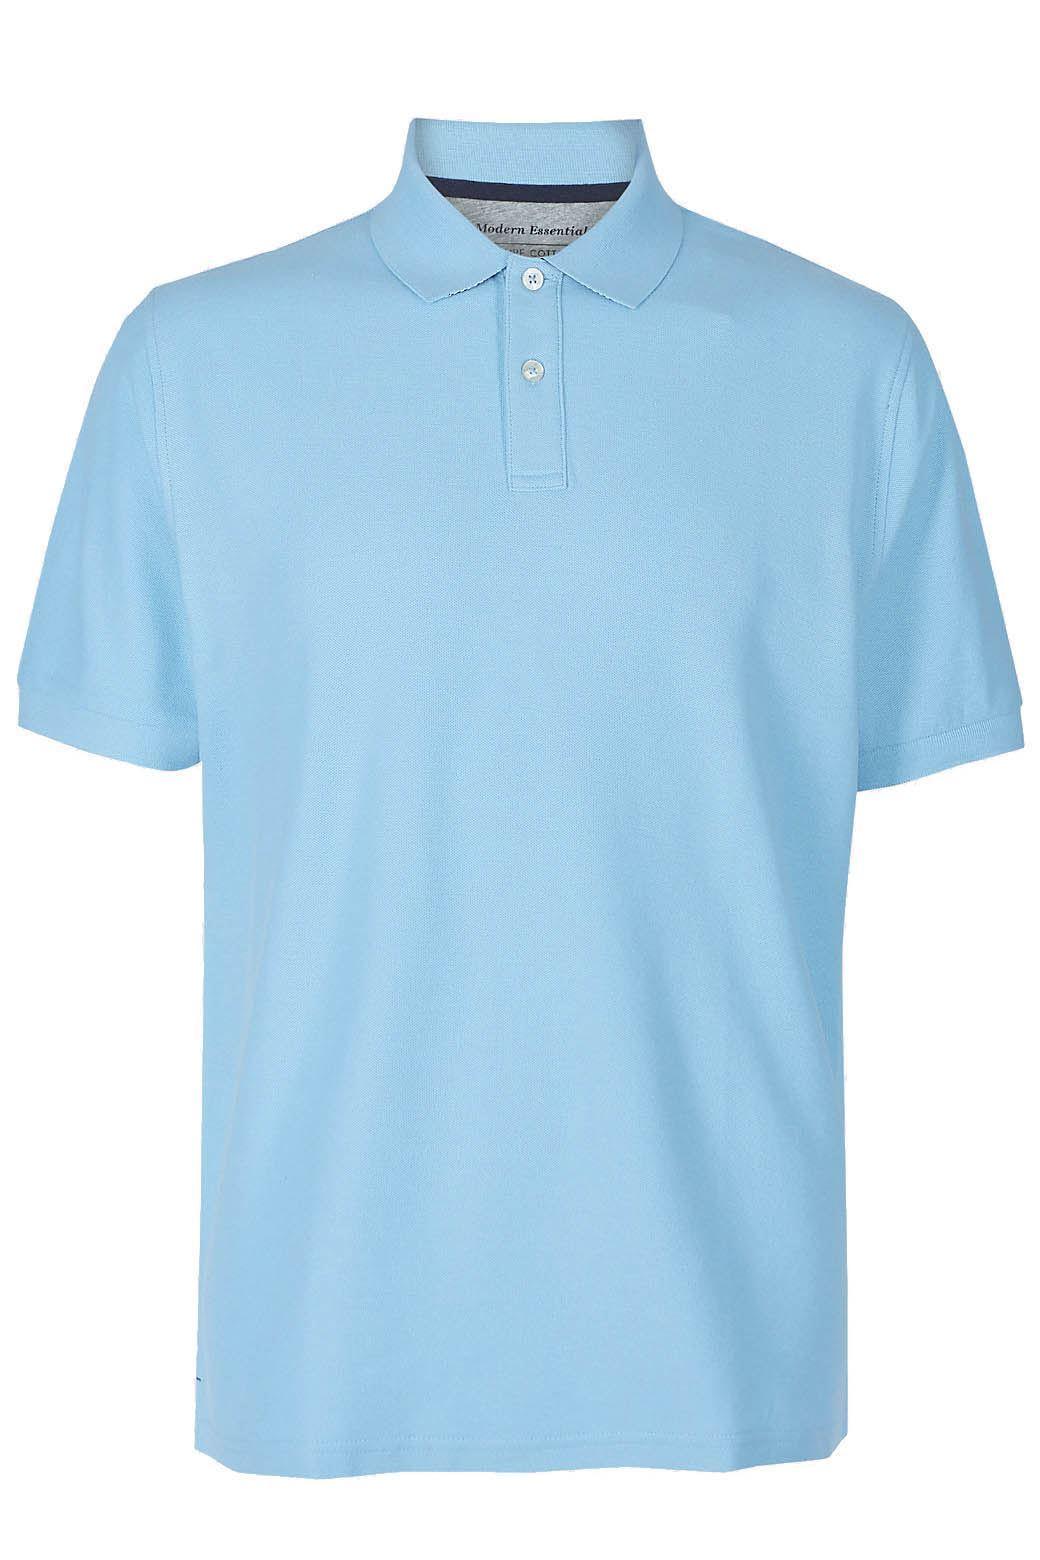 Marks-amp-Spencer-Camisa-Polo-Para-Hombre-Algodon-Clasico-M-amp-S-todos-los-colores-y-tamanos-de miniatura 21